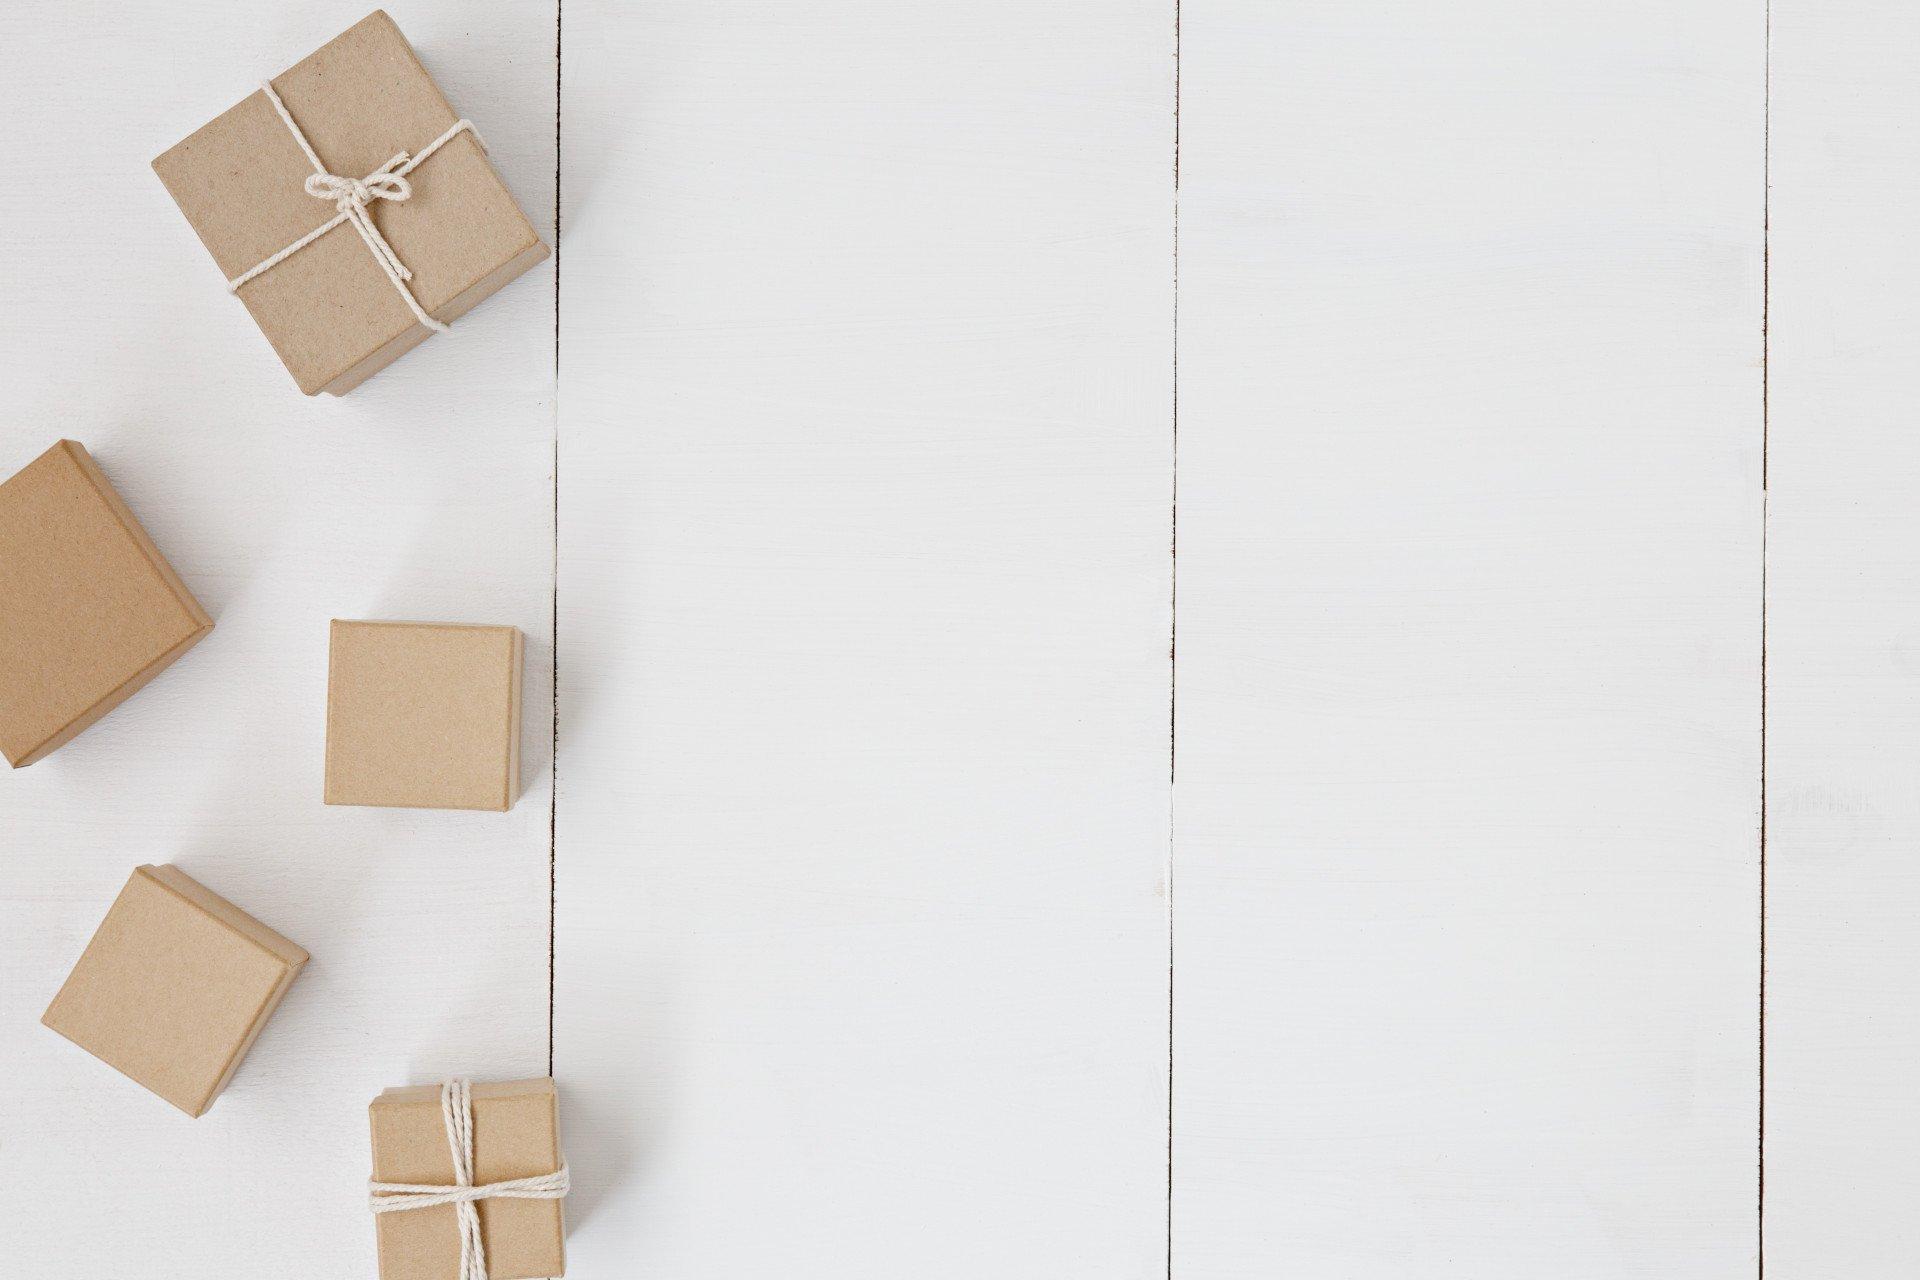 Conversione del sistema a SAP S/4HANA: che cosa offrono i nostri pacchetti qualificati da SAP?